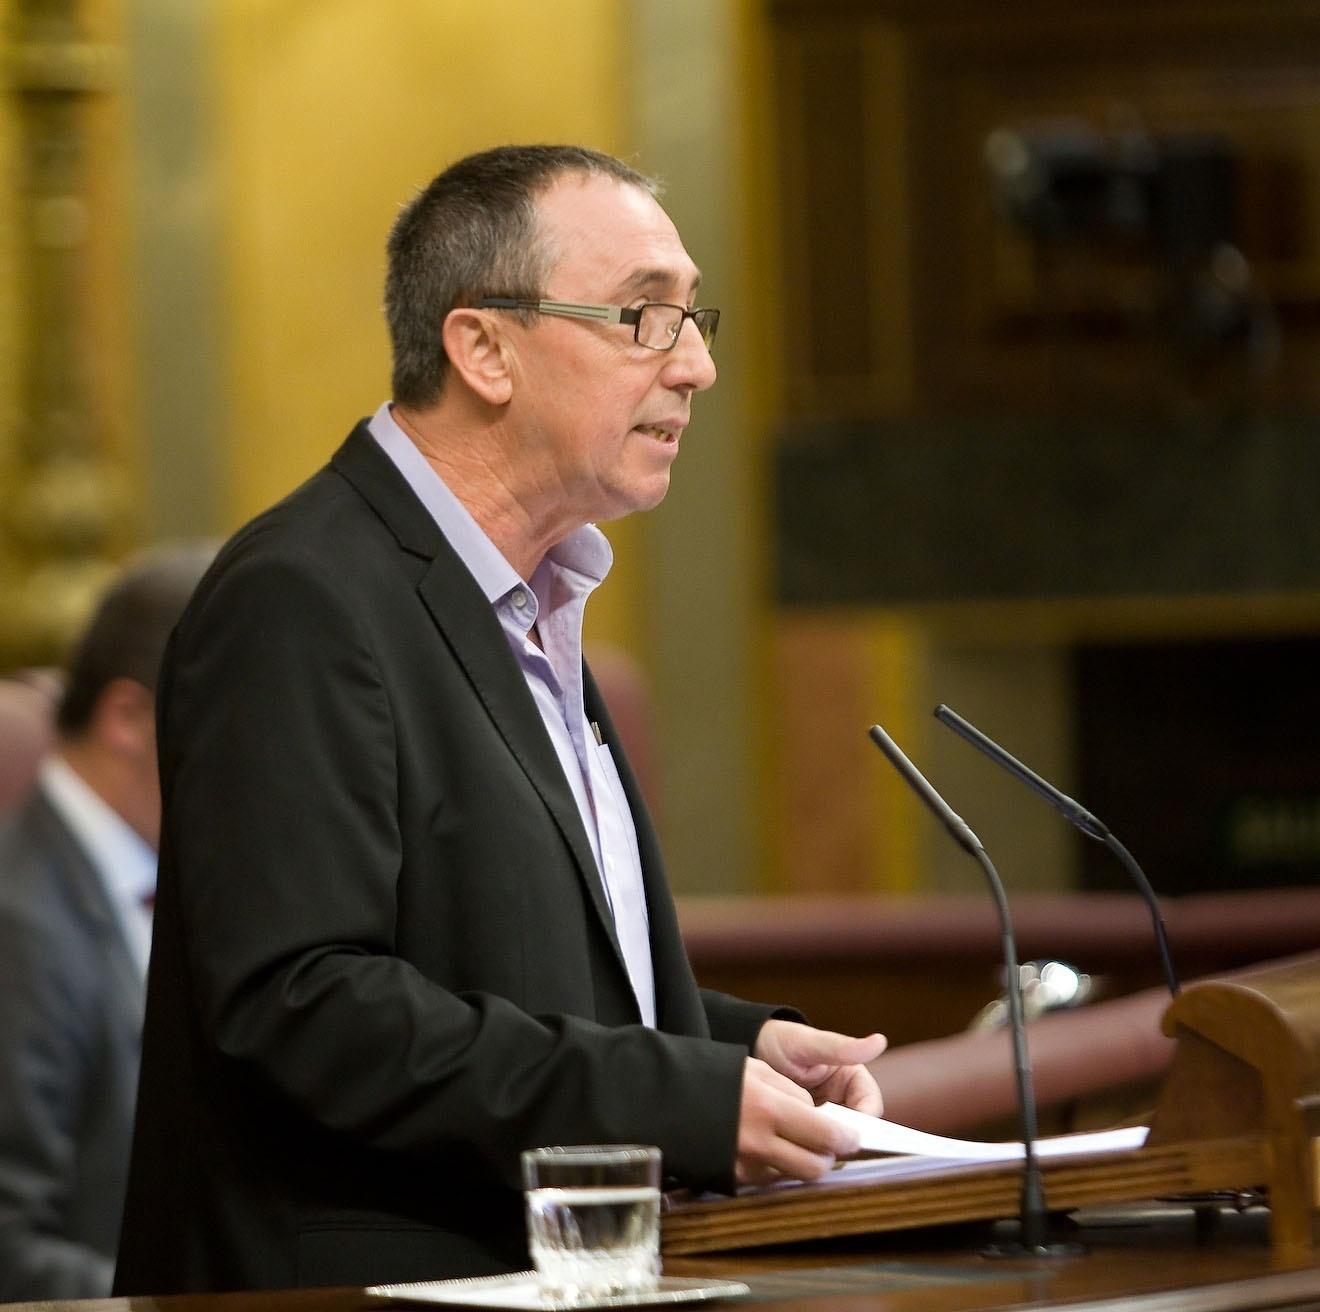 Compromís-Equo propone al resto de partidos una moción de censura conjunta con un candidato que no sea diputado